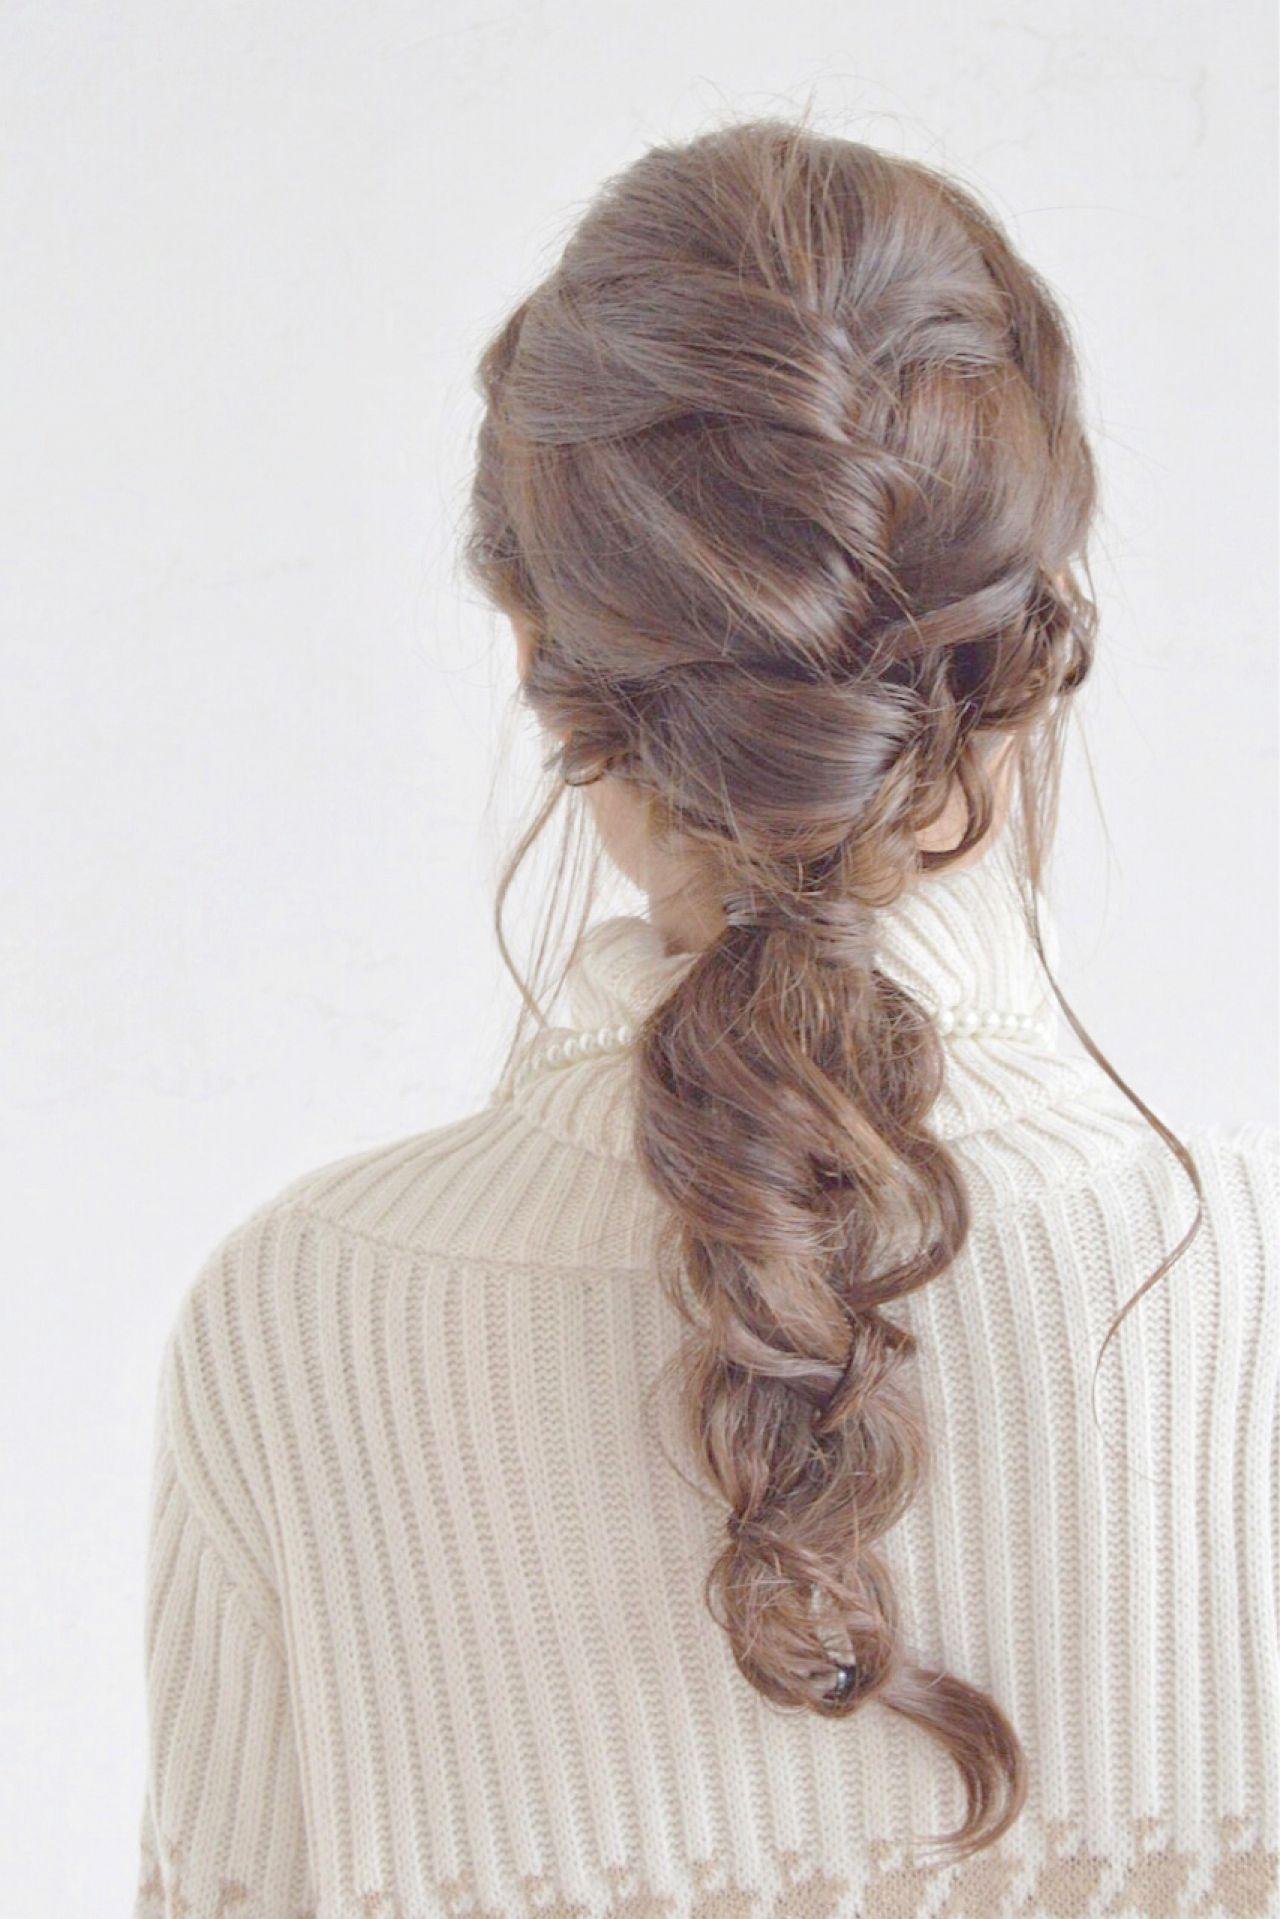 ヘアアレンジ 編み込み 三つ編み 愛され ヘアスタイルや髪型の写真・画像 | 加山 暸汰 / till